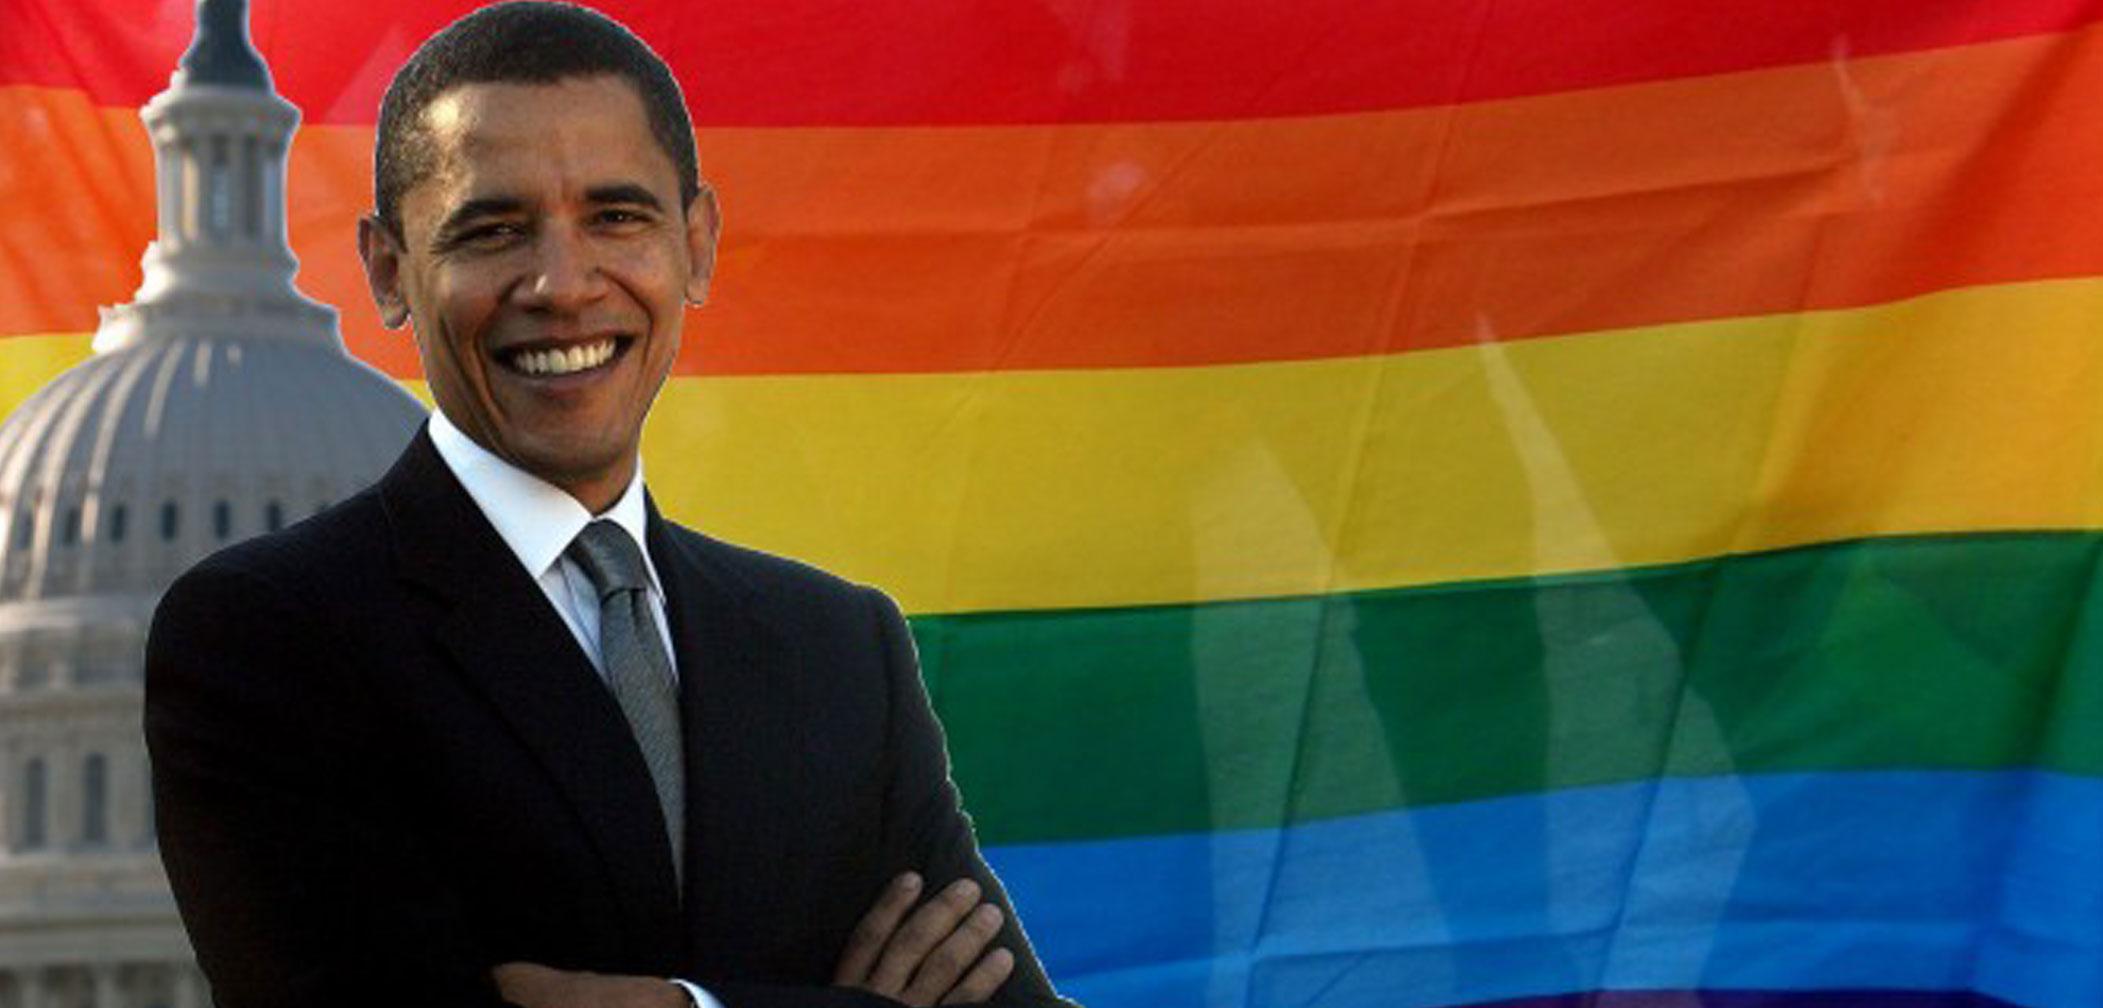 Revivre en trois minutes huit ans de leadership d'Obama sur les questions LGBT